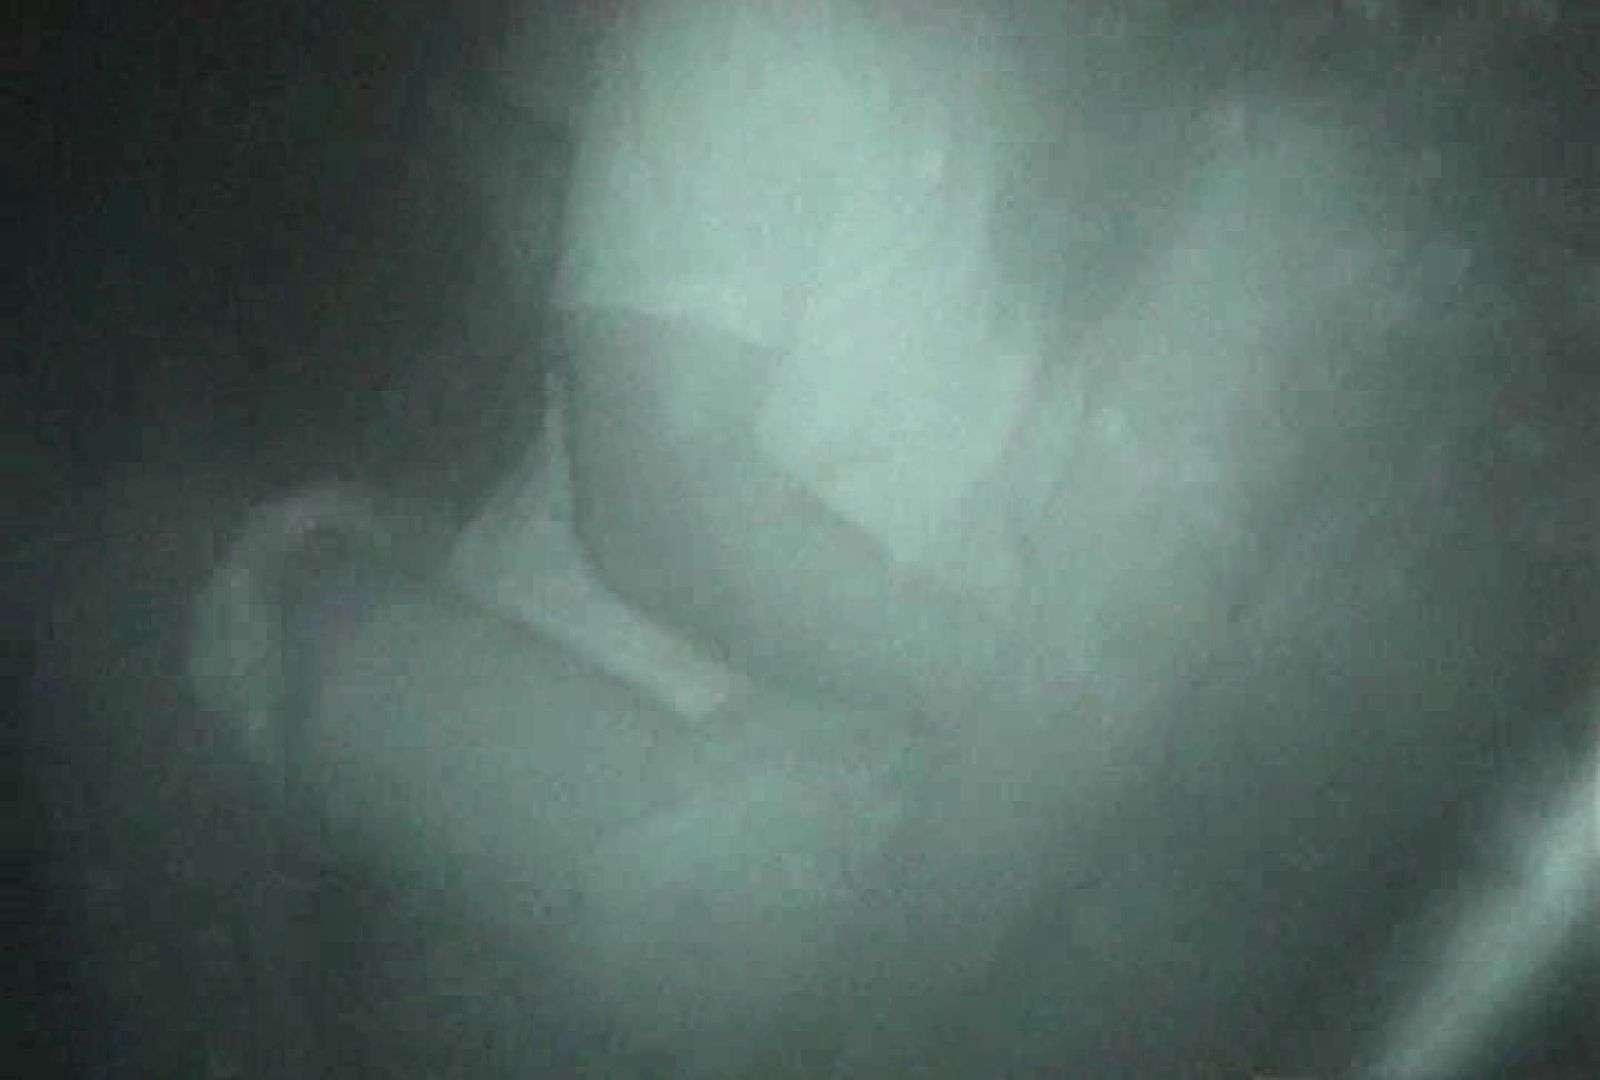 充血監督の深夜の運動会Vol.47 美しいOLの裸体 オメコ無修正動画無料 72pic 11